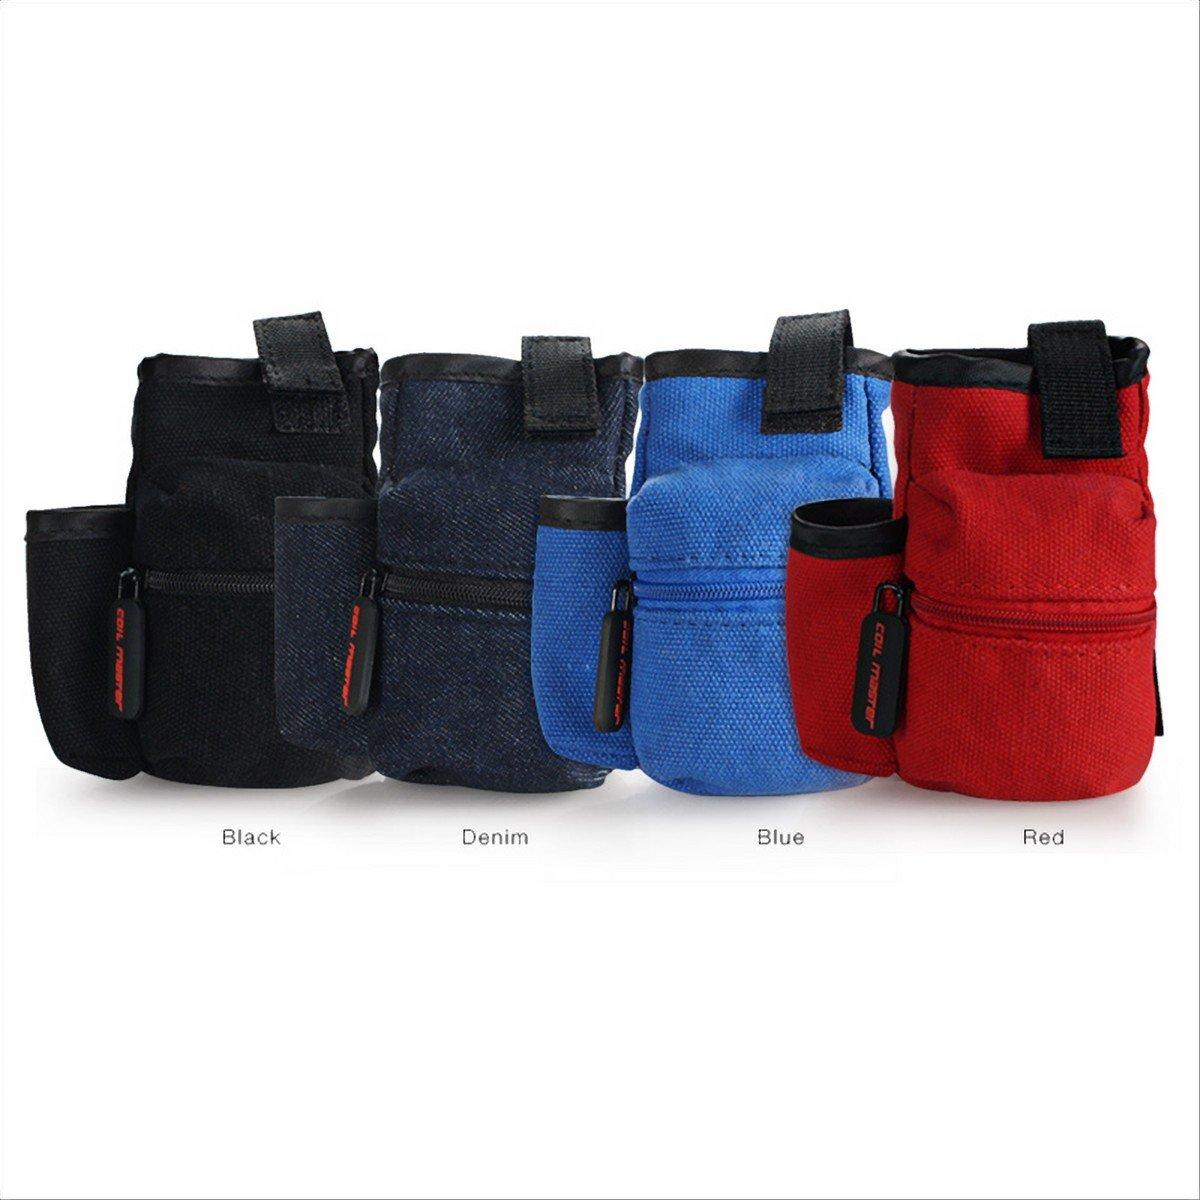 ... funciones de cigarrillos electrónicos Vape Travel Carrying Case Mini Vape llevar bolso para herramientas, líquidos, RDA RTA Atomizer Mods, baterías, ...